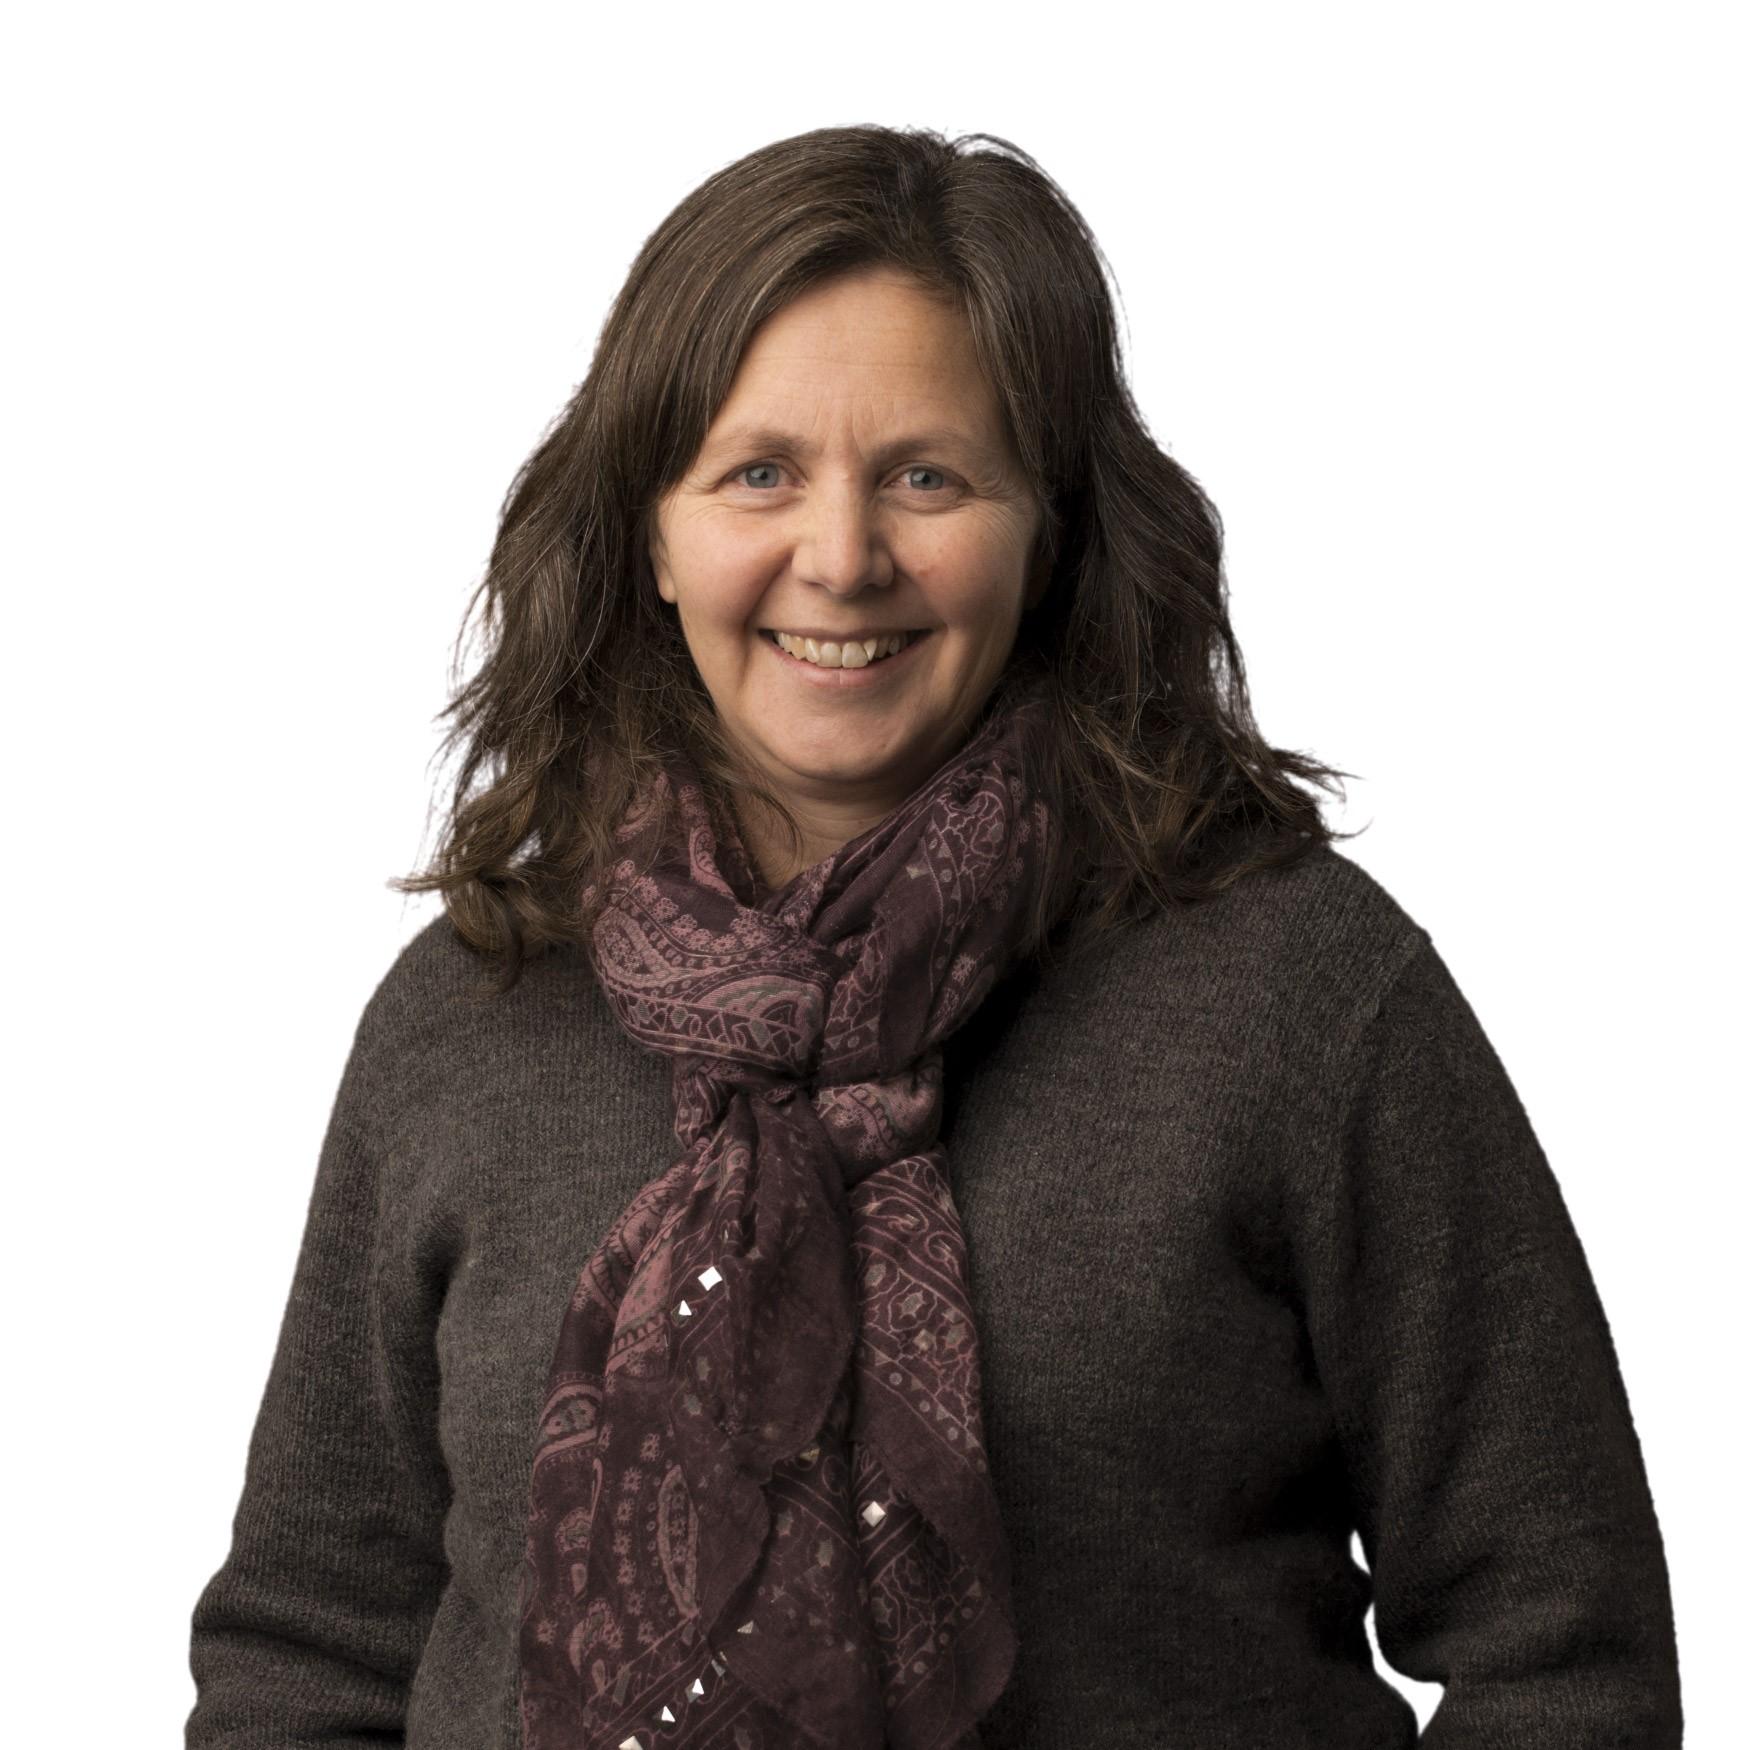 Kristin Imenes